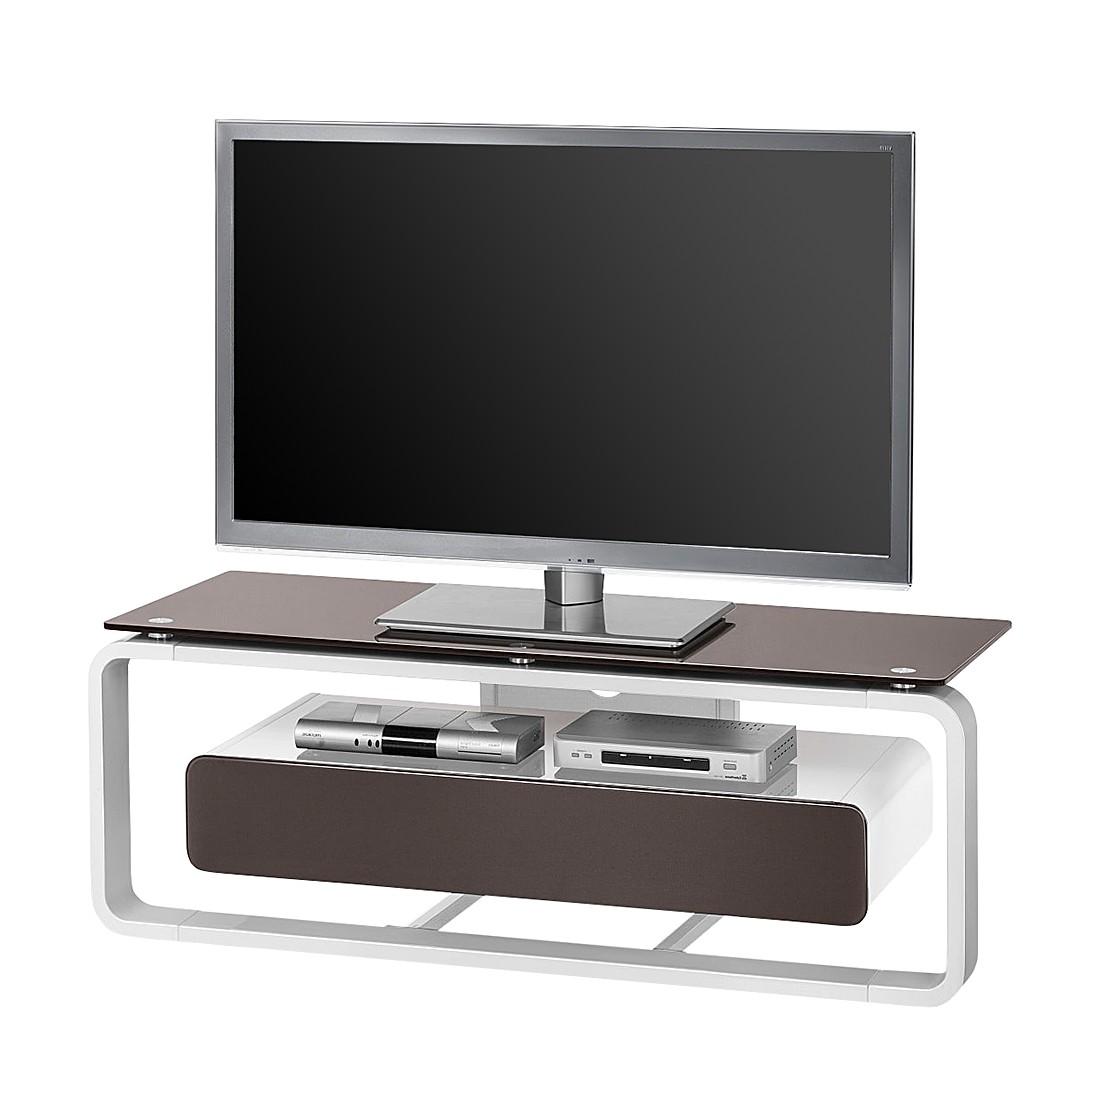 meuble tv 110 cm. Black Bedroom Furniture Sets. Home Design Ideas